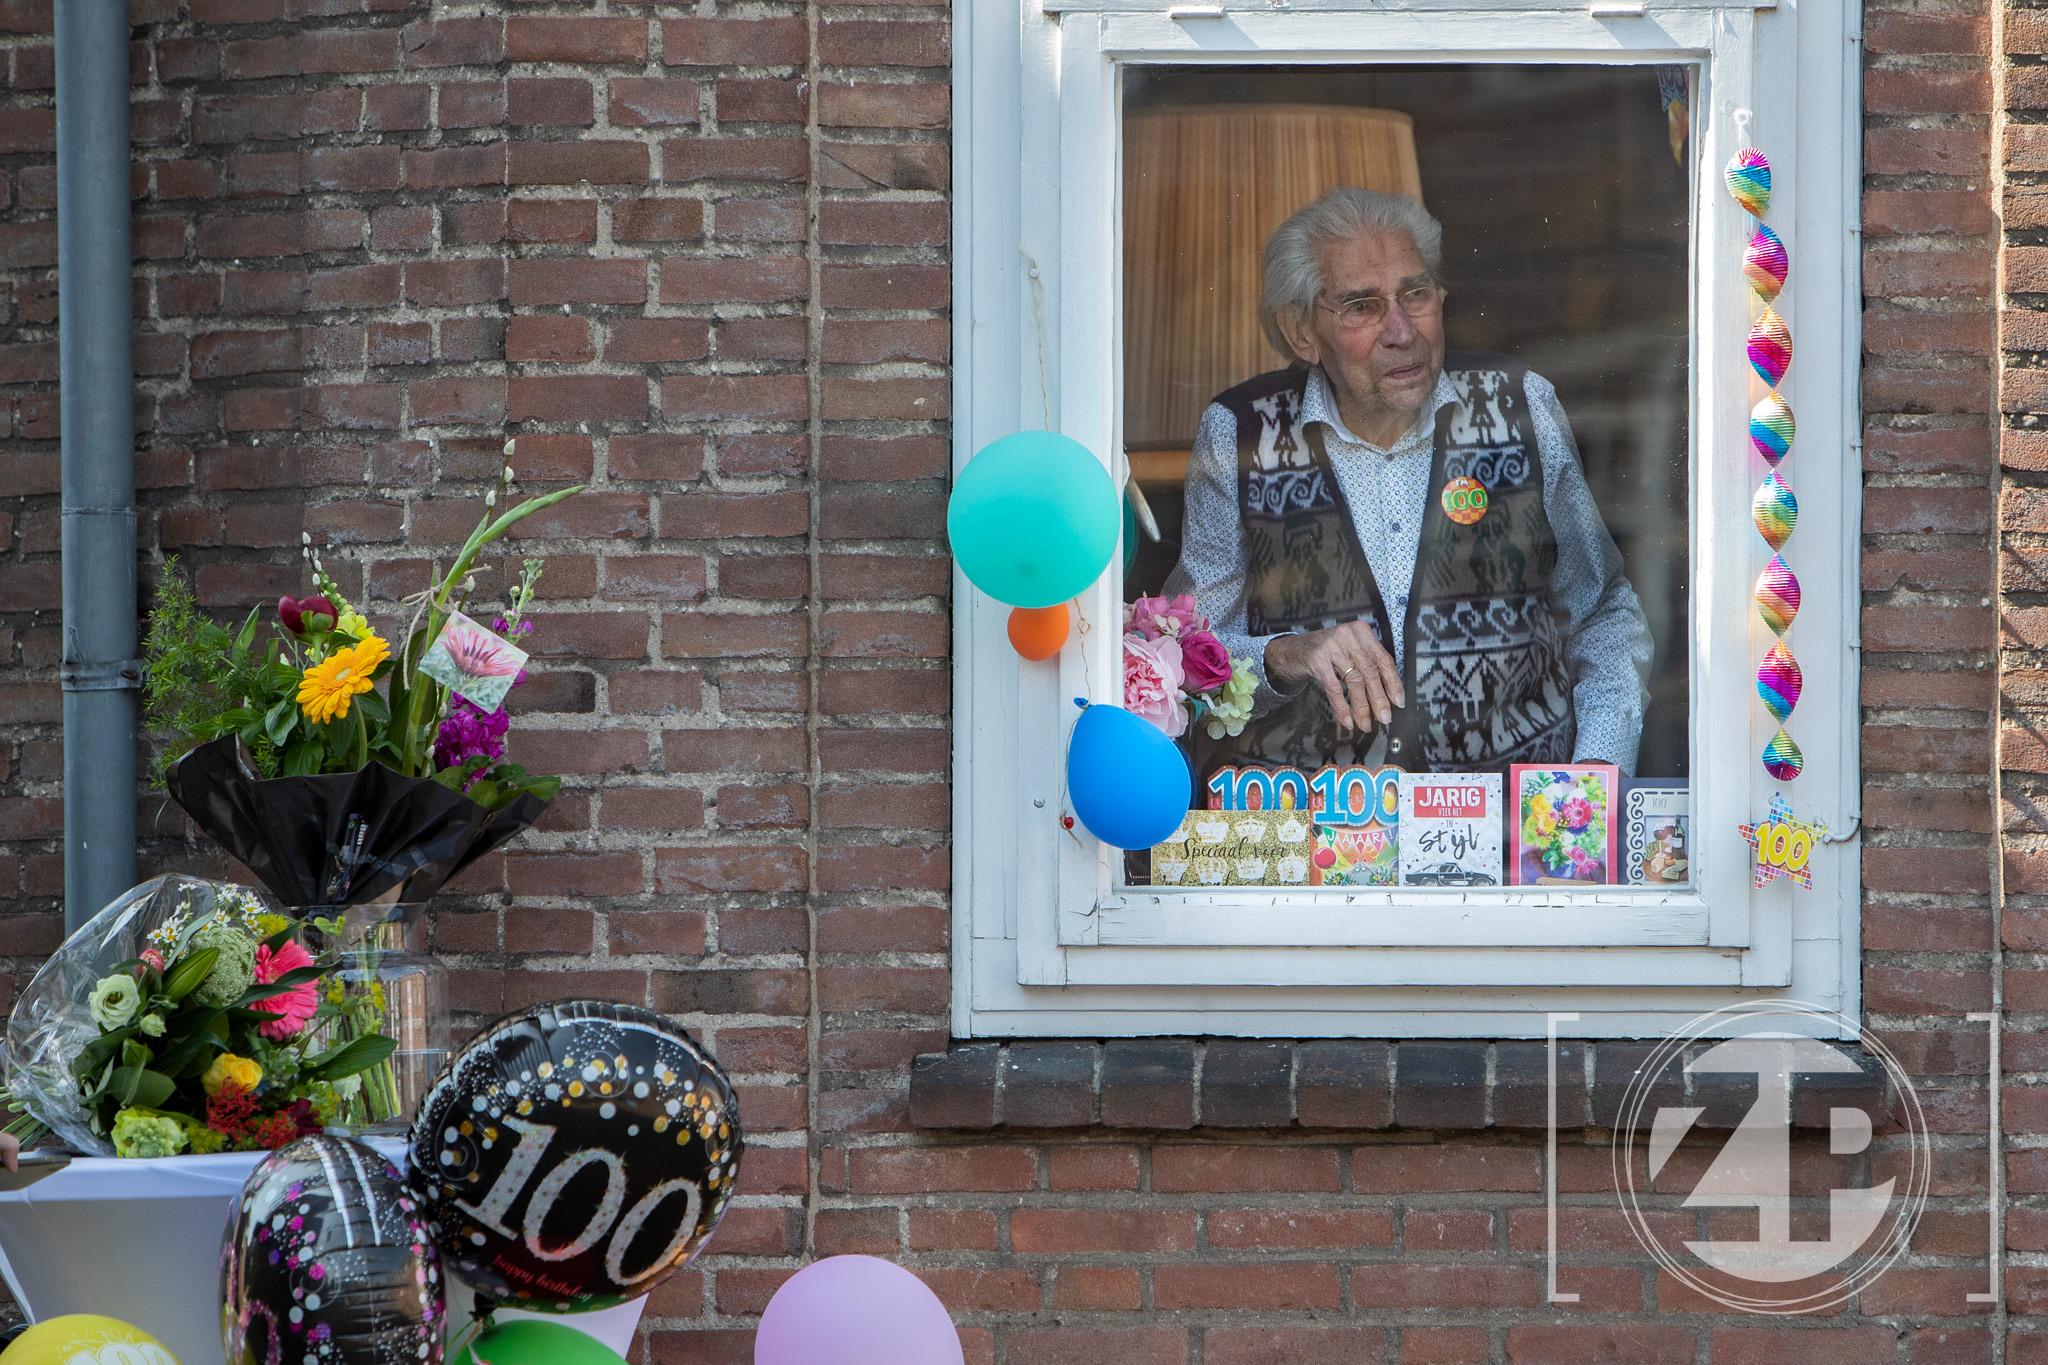 Opa De Grijff wordt 100 en kan dankzij bloemenzee en talloze kaarten toch genieten van verjaardag - Hij is de oudste geboren Zutphenees en had een groot feest in gedachten. Door de coronacrisis viel dit plan in duigen. Zijn zonen bedachten een alternatief. Zutphenaren kunnen op zijn verjaardag bloemen achterlaten en kaarten.